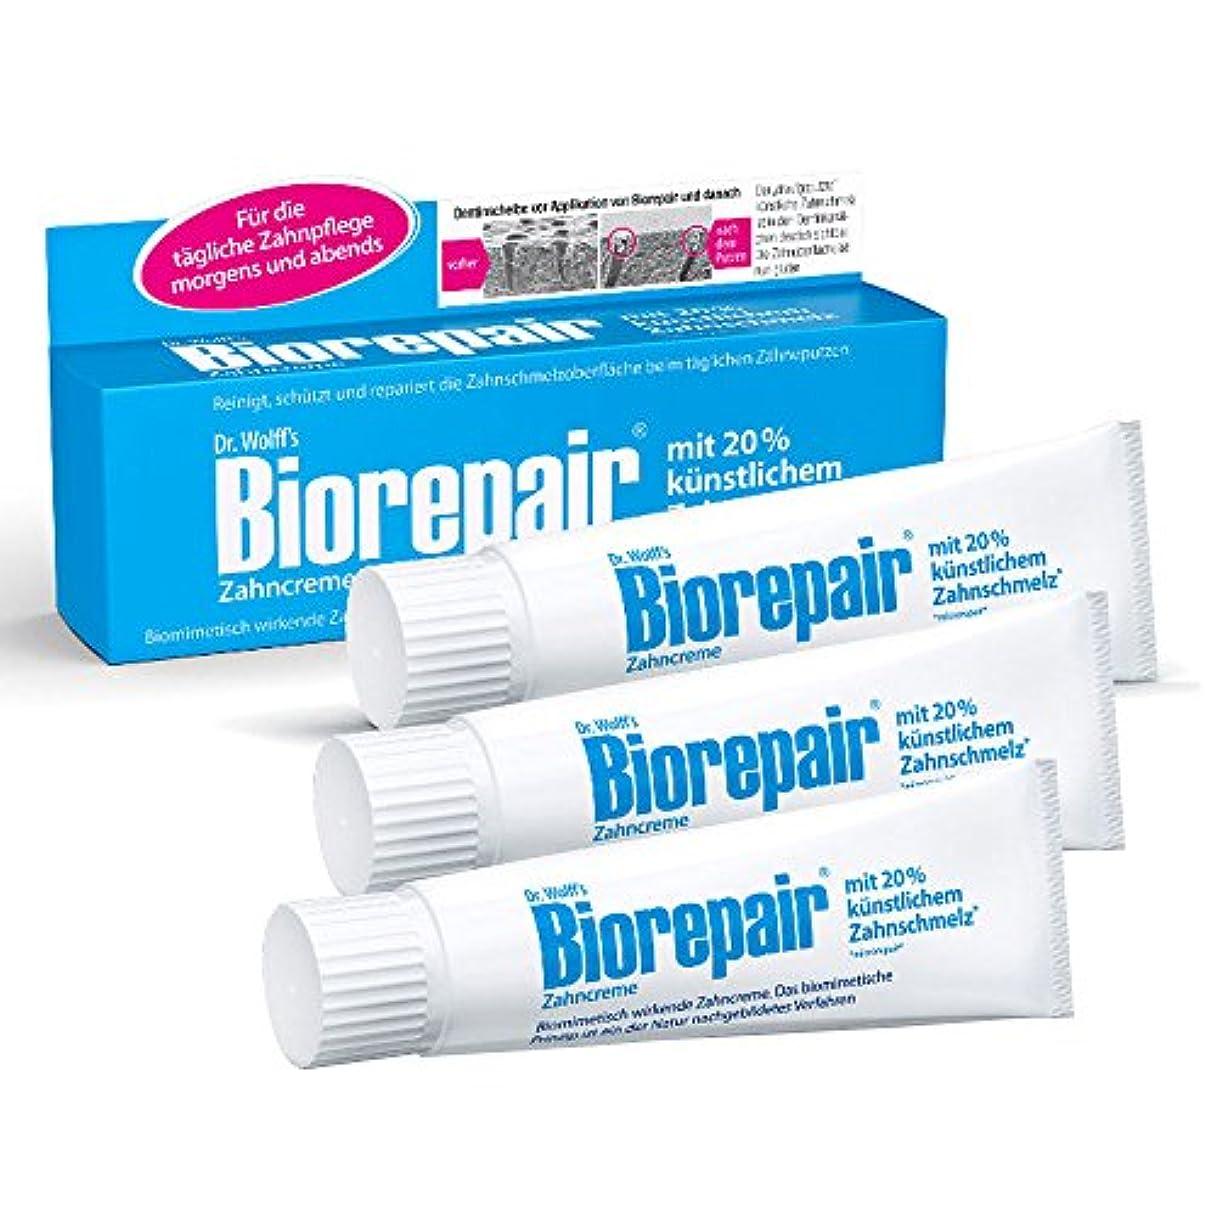 家具壁教育Biorepair 歯磨き粉オリジナル、75ml 歯の保護 耐摩耗性 x 3 [並行輸入品]